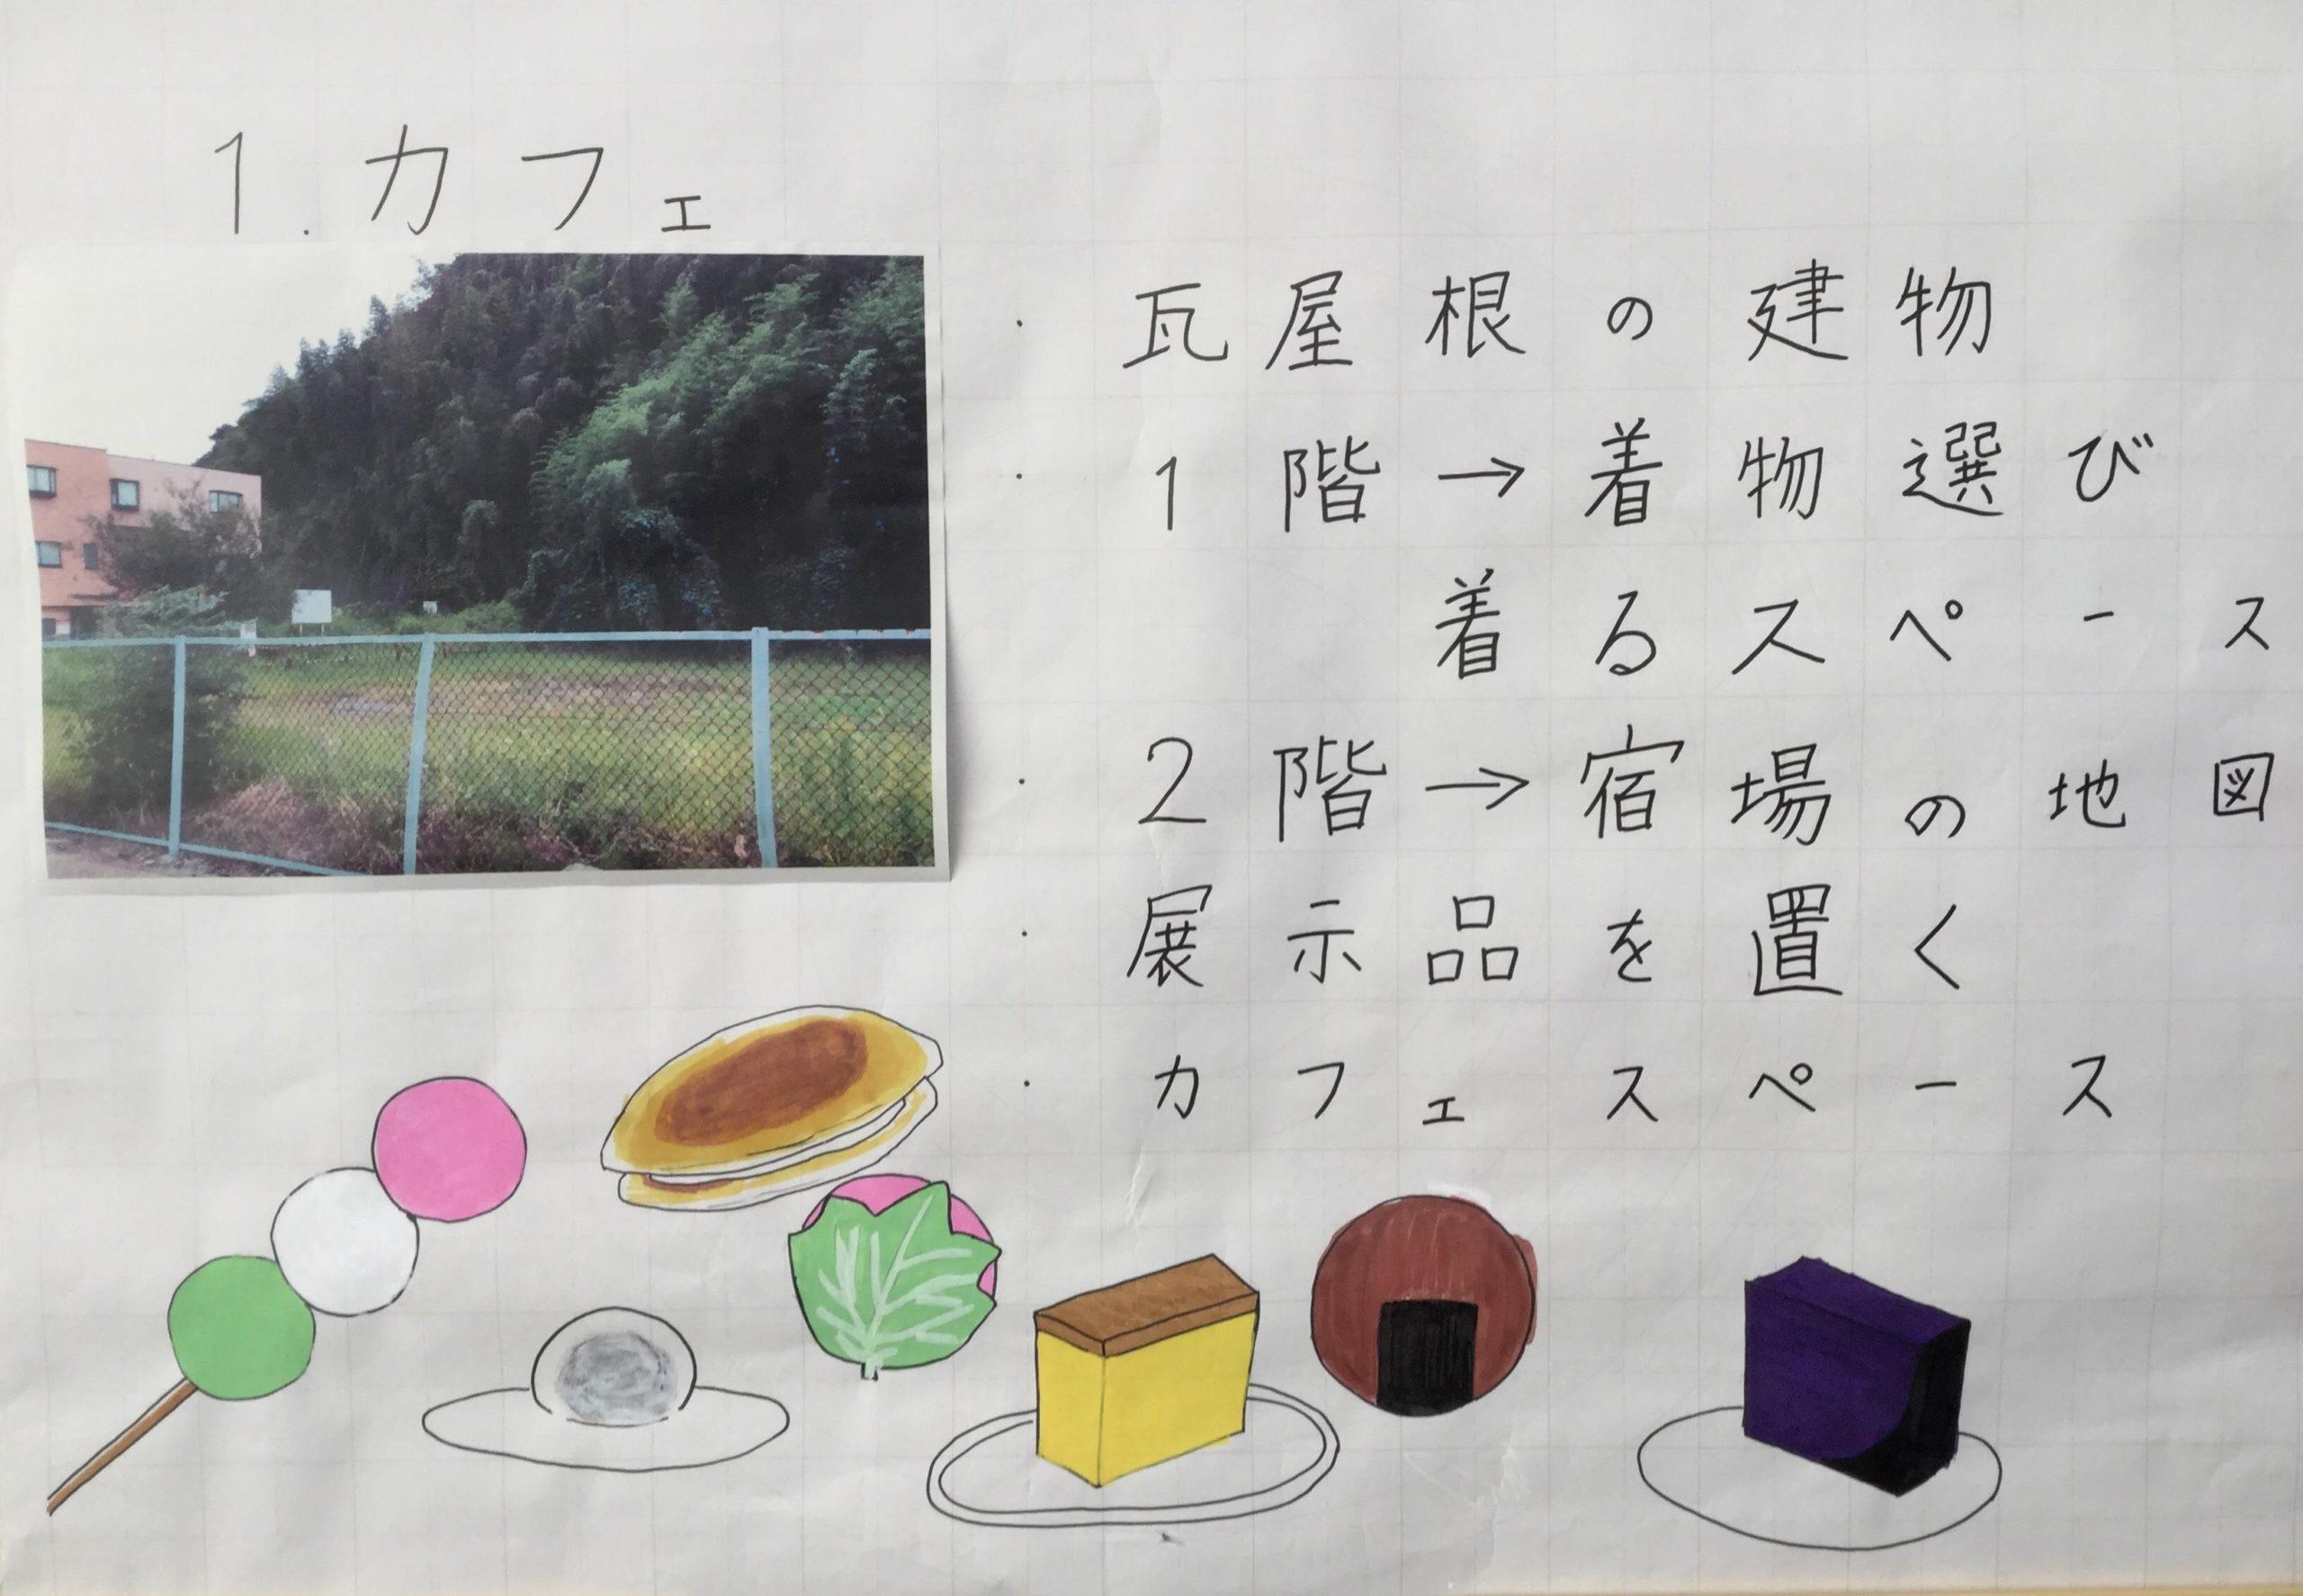 """""""蒲原中学校1年生が想う10年後の蒲原"""" 1年1組 3班"""